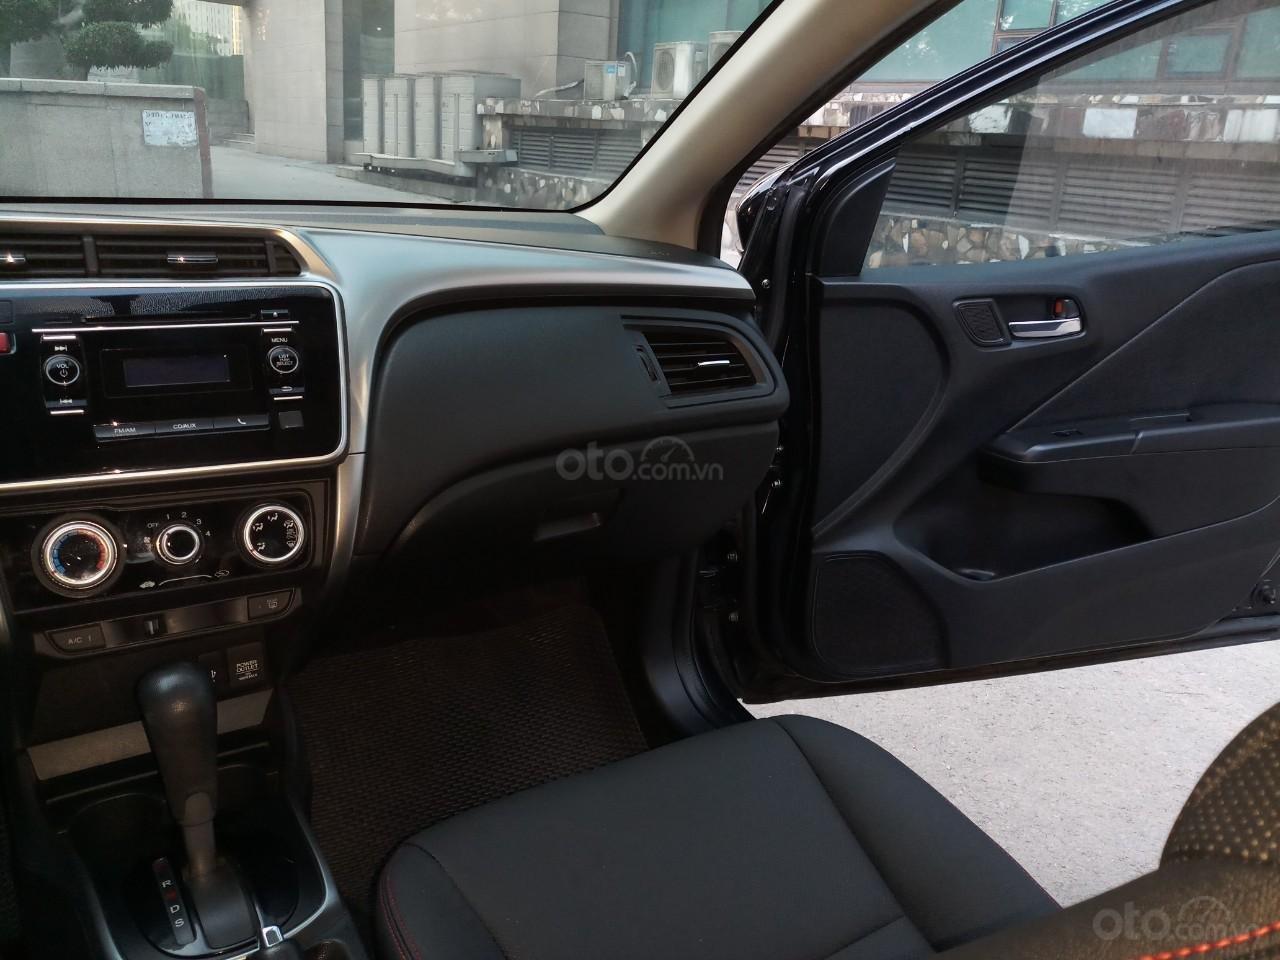 Ô Tô Thủ Đô bán xe Honda City AT 2017, màu đen 505tr (12)